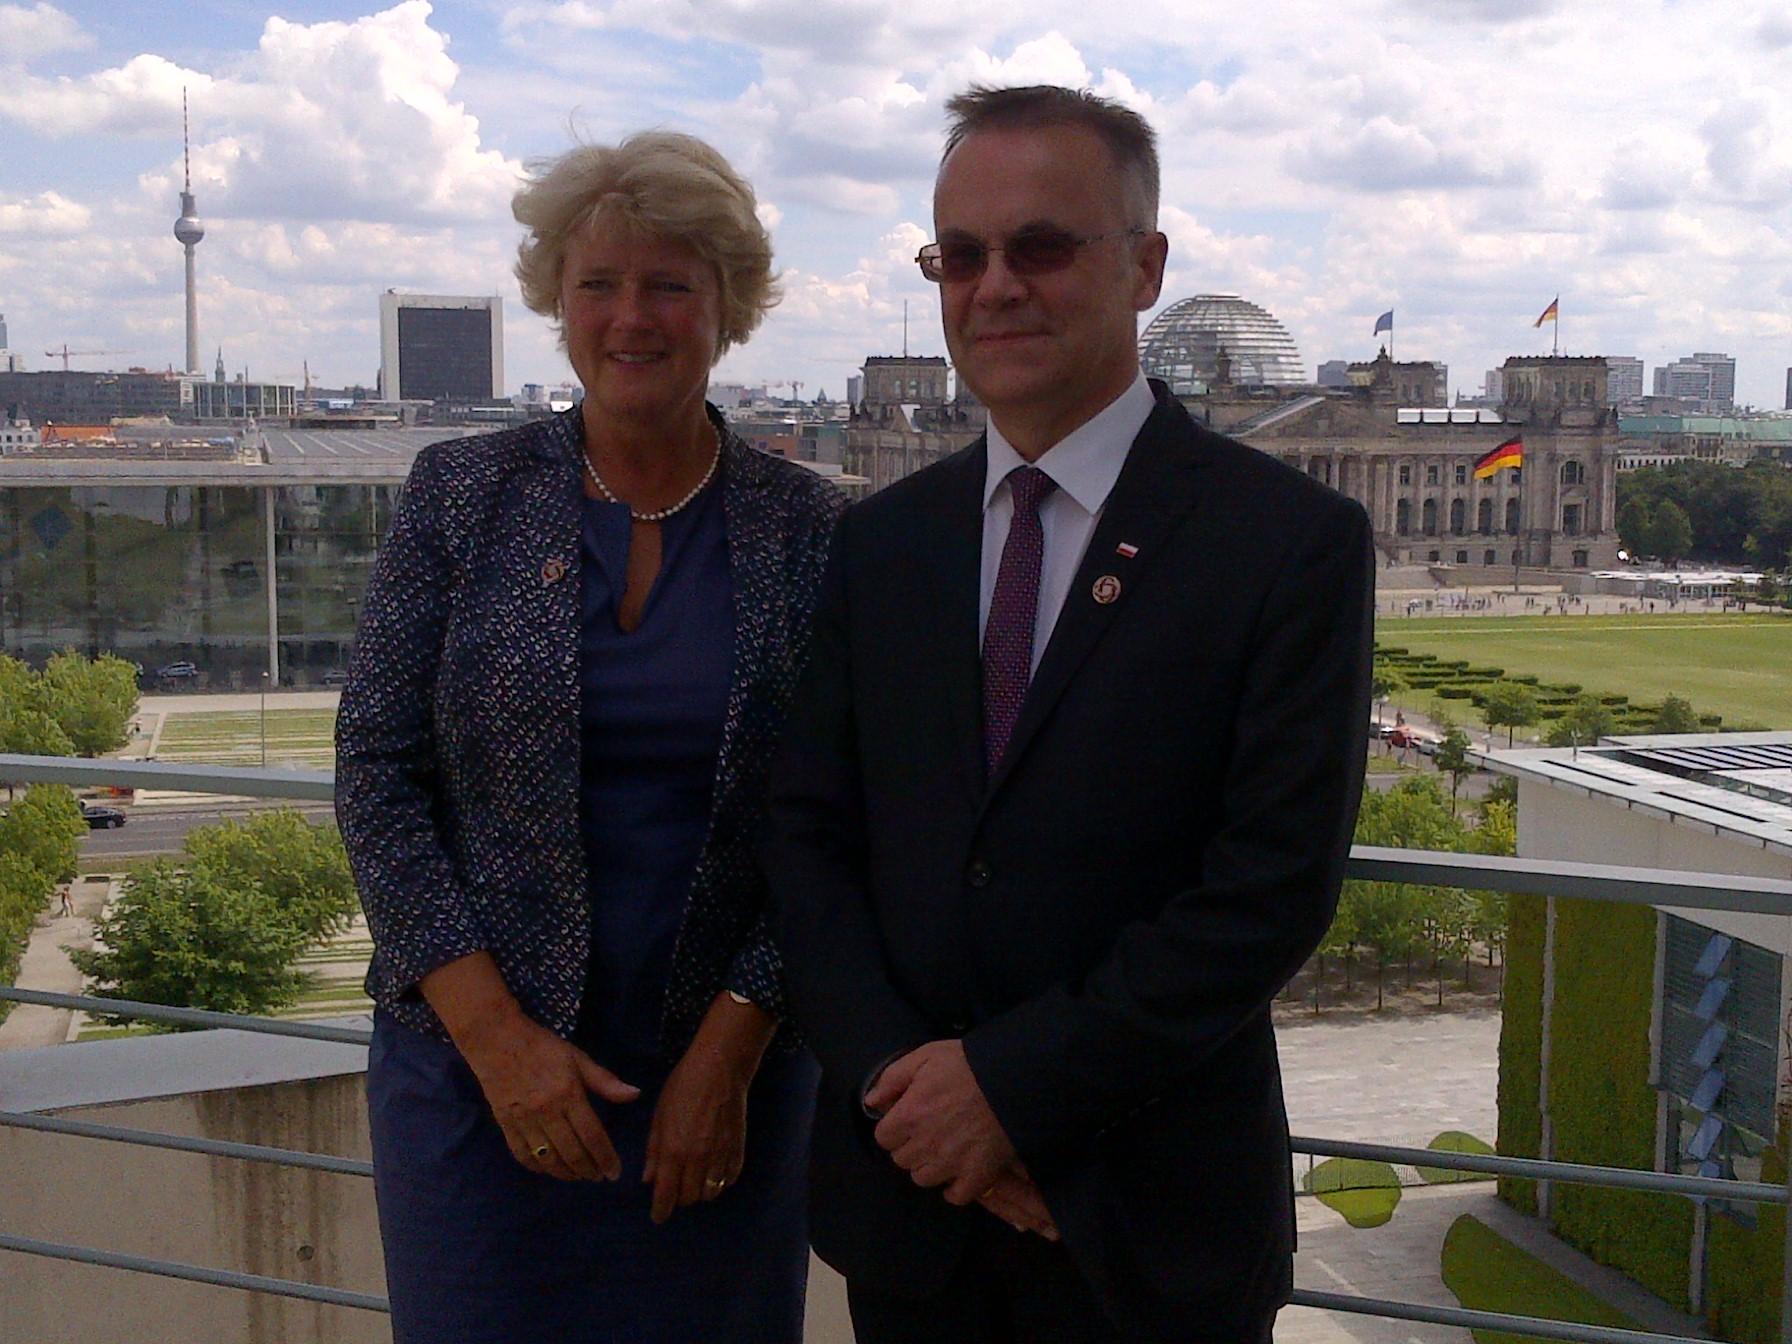 Na zdjęciu: Pełnomocnik Rządu ds. Kultury i Mediów  Monika Grütters oraz wiceminister KiDN Jarosław Sellin